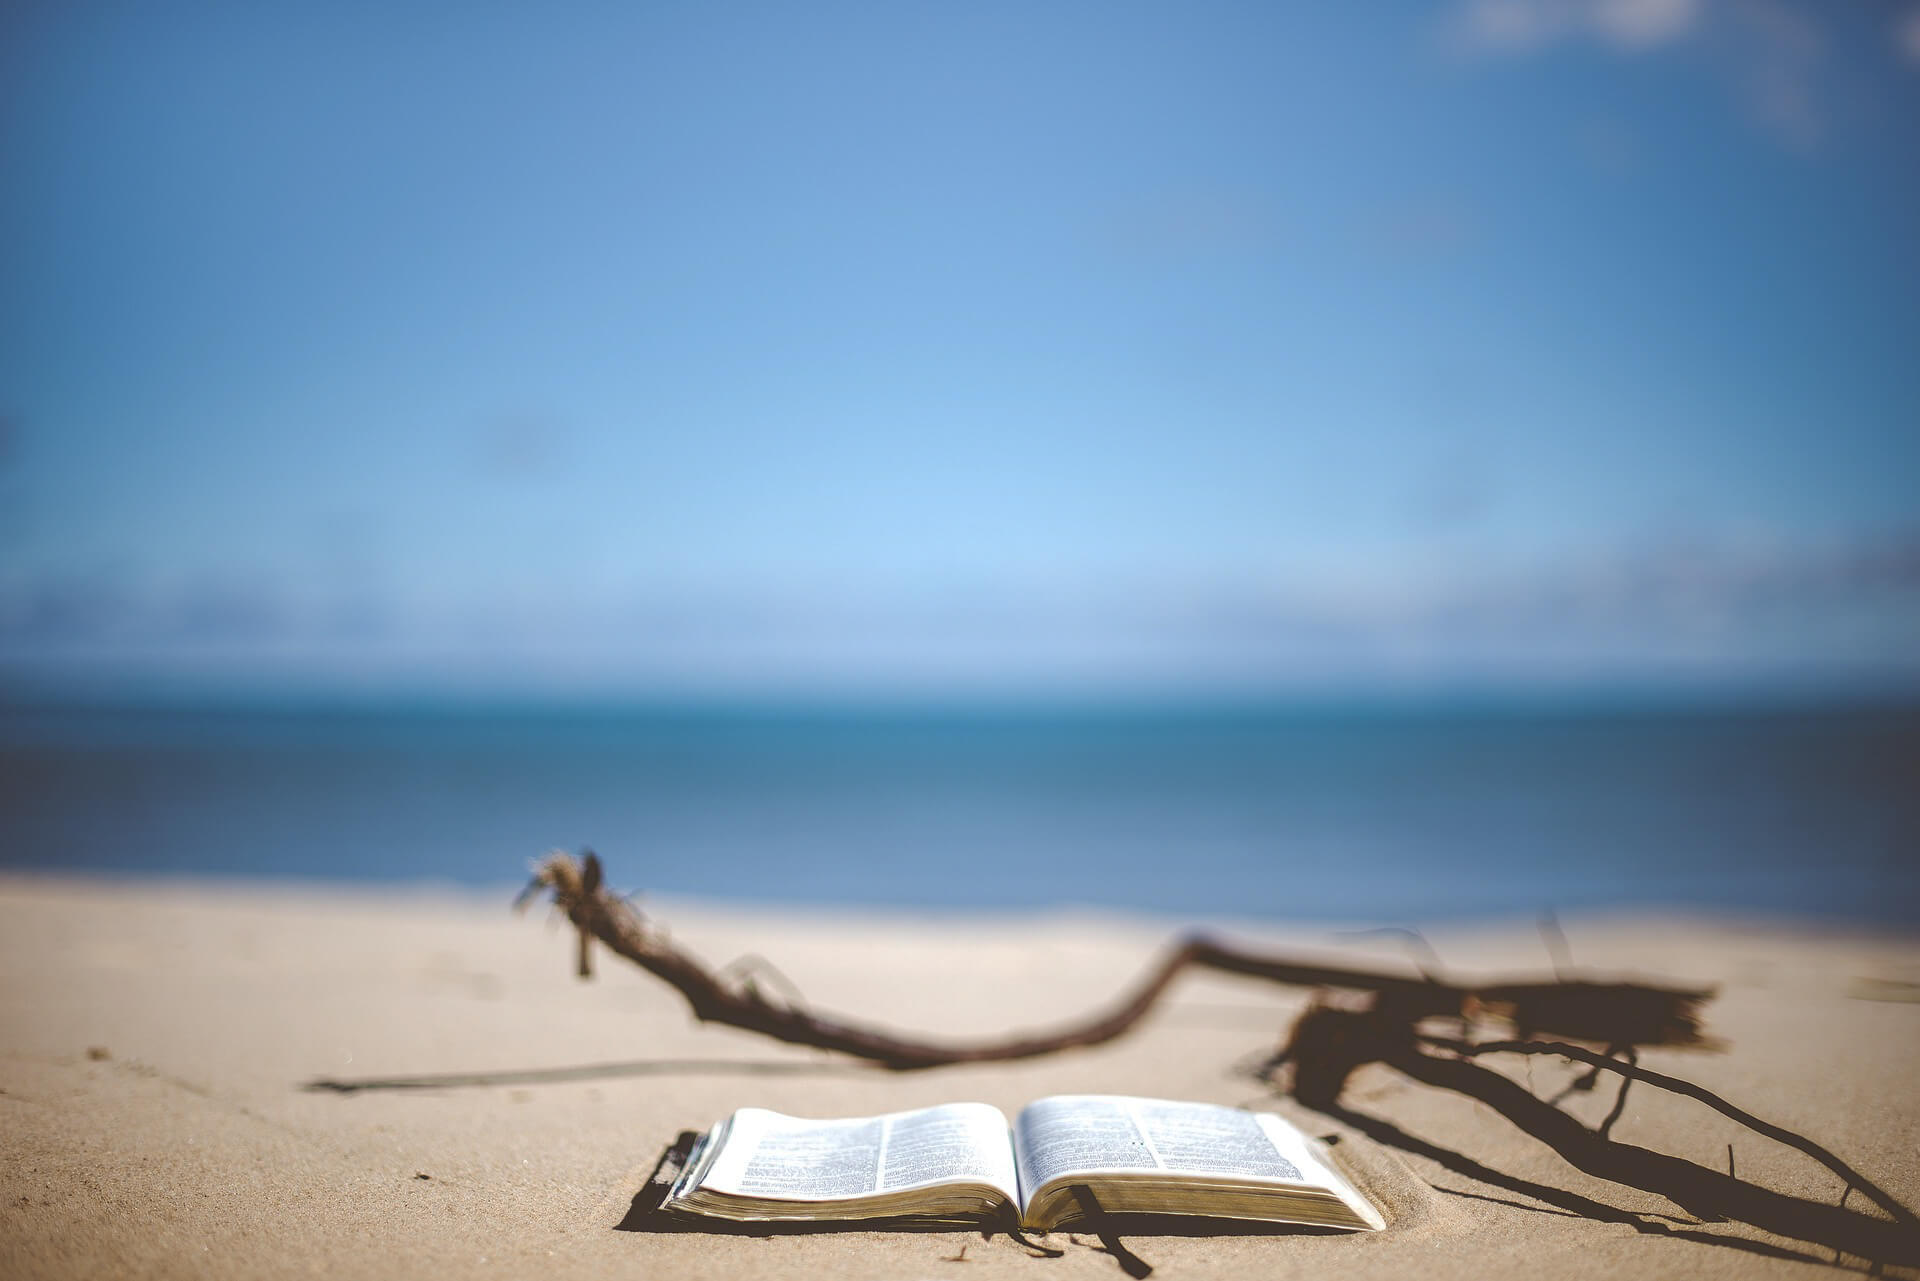 Buchempfehlungen mit Buch am Strand